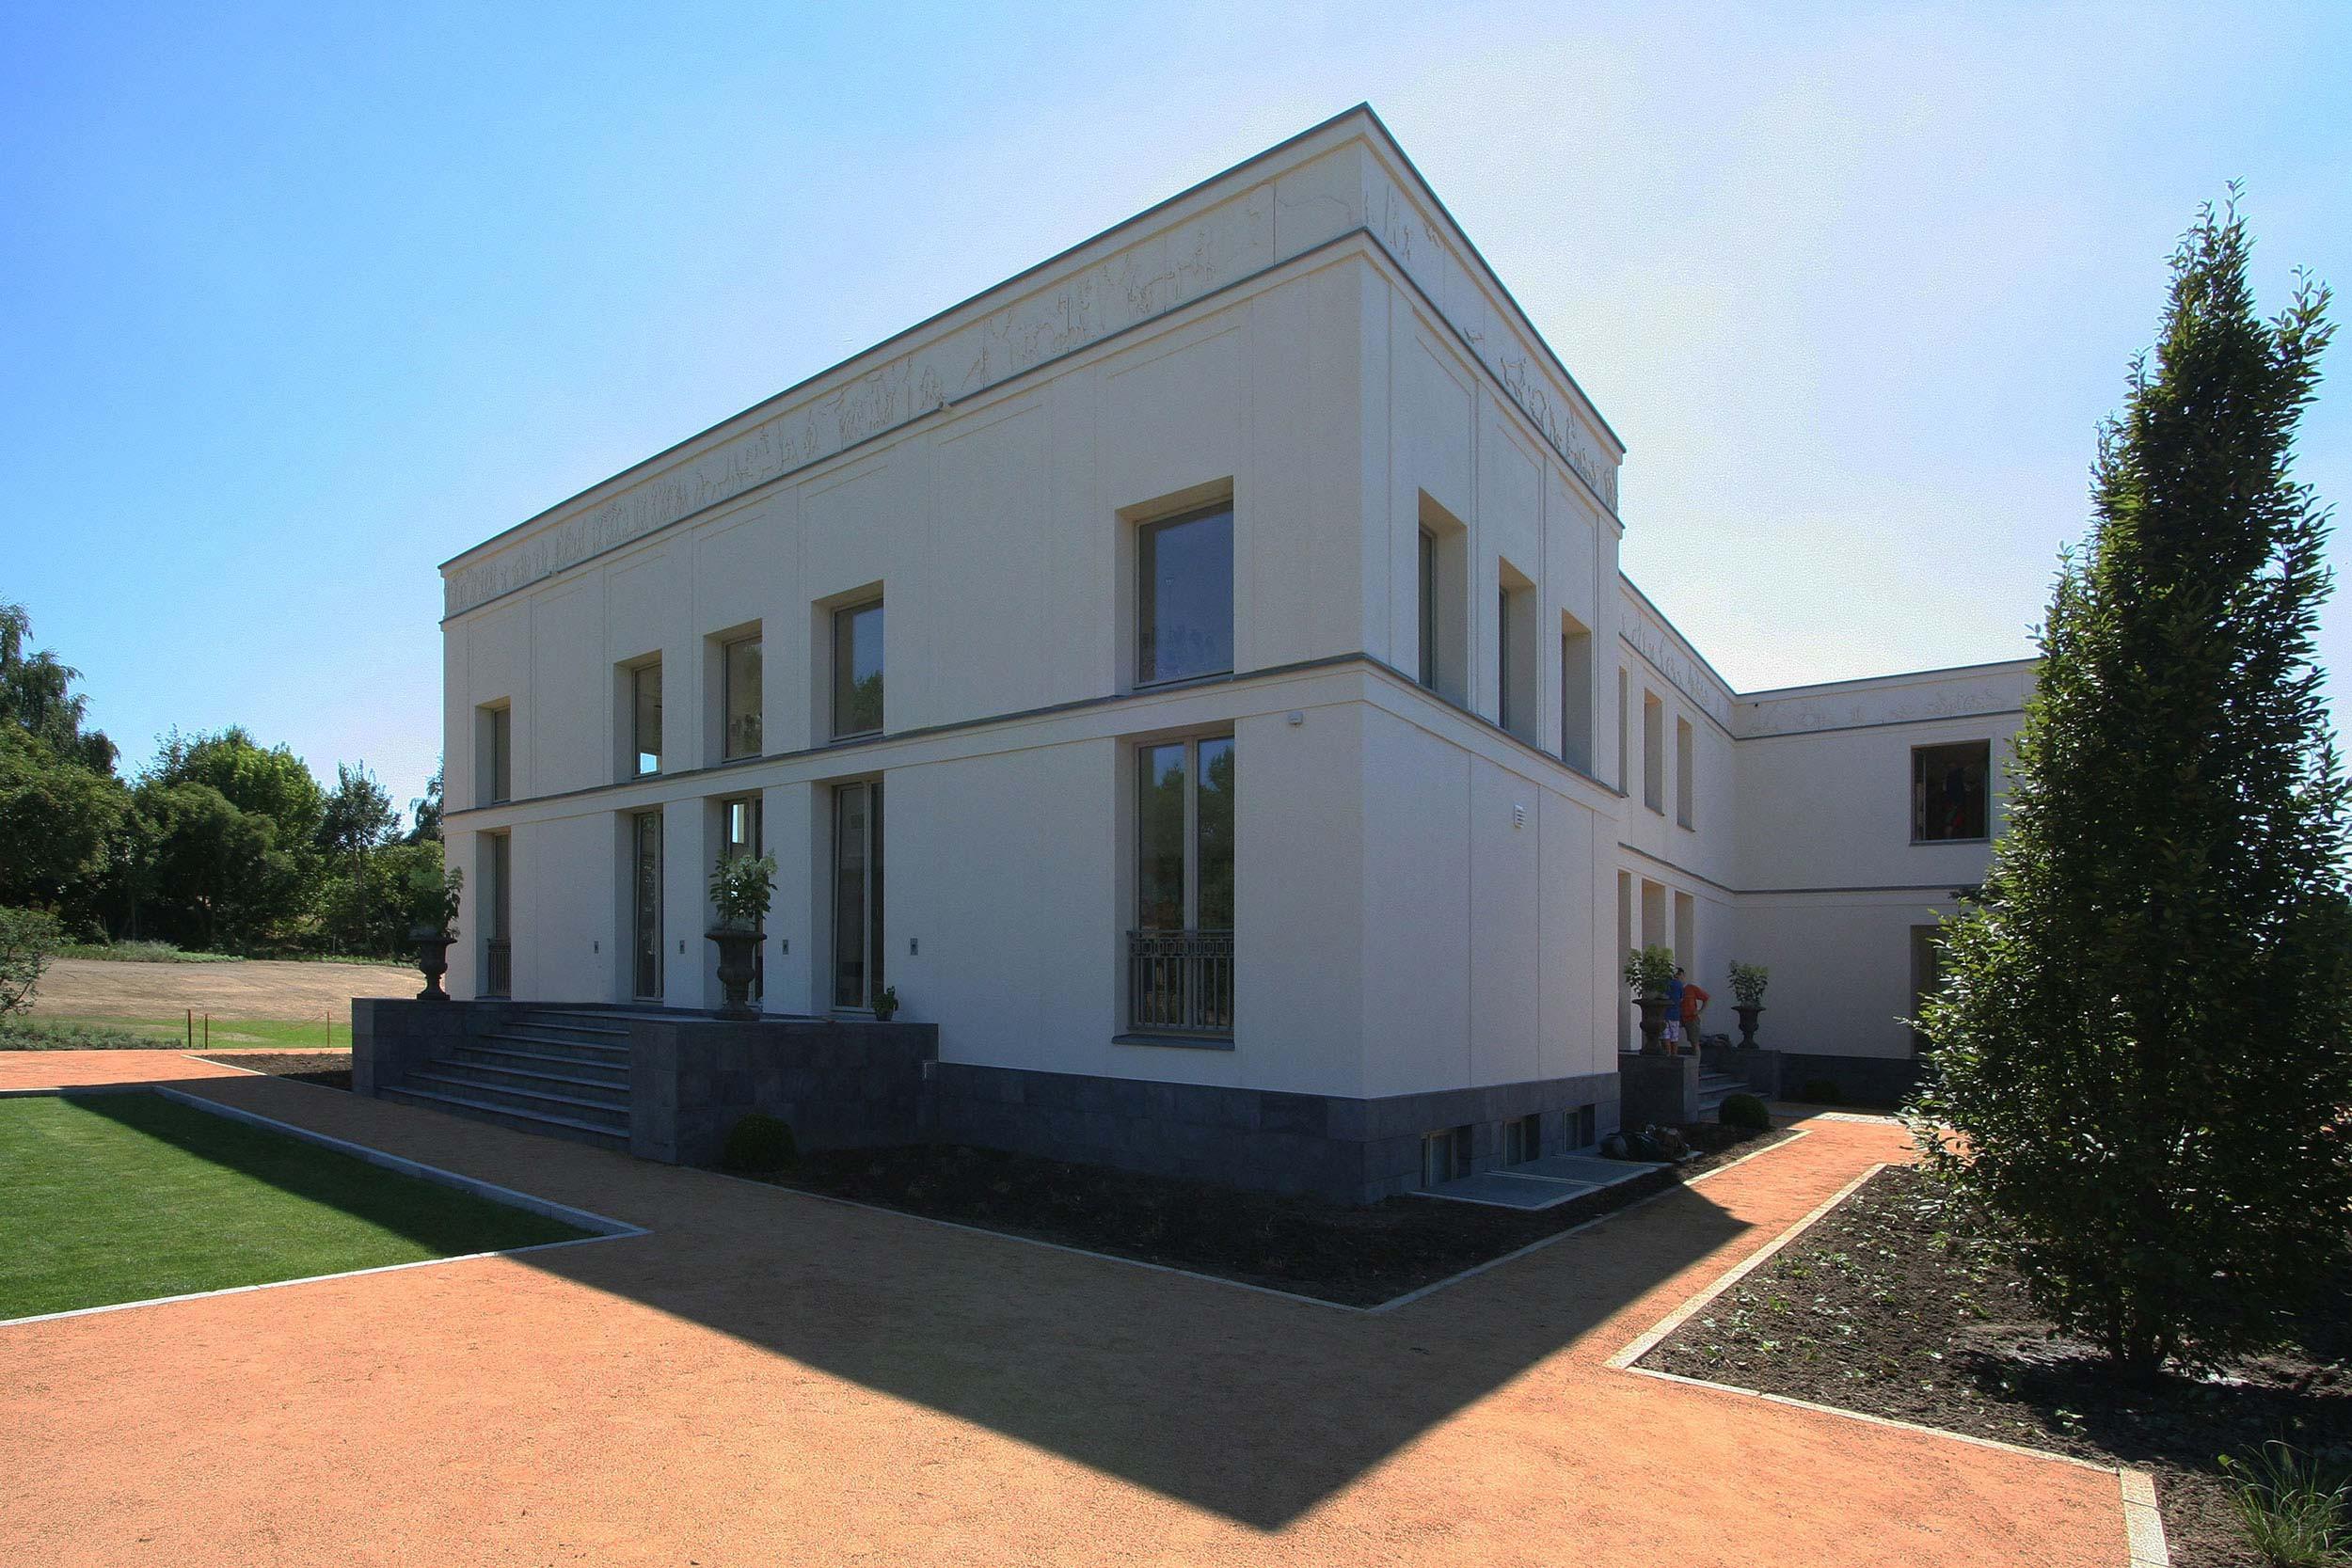 Klassische Villa Neubau klassik und tradition - neubau einer klassizistischen villa